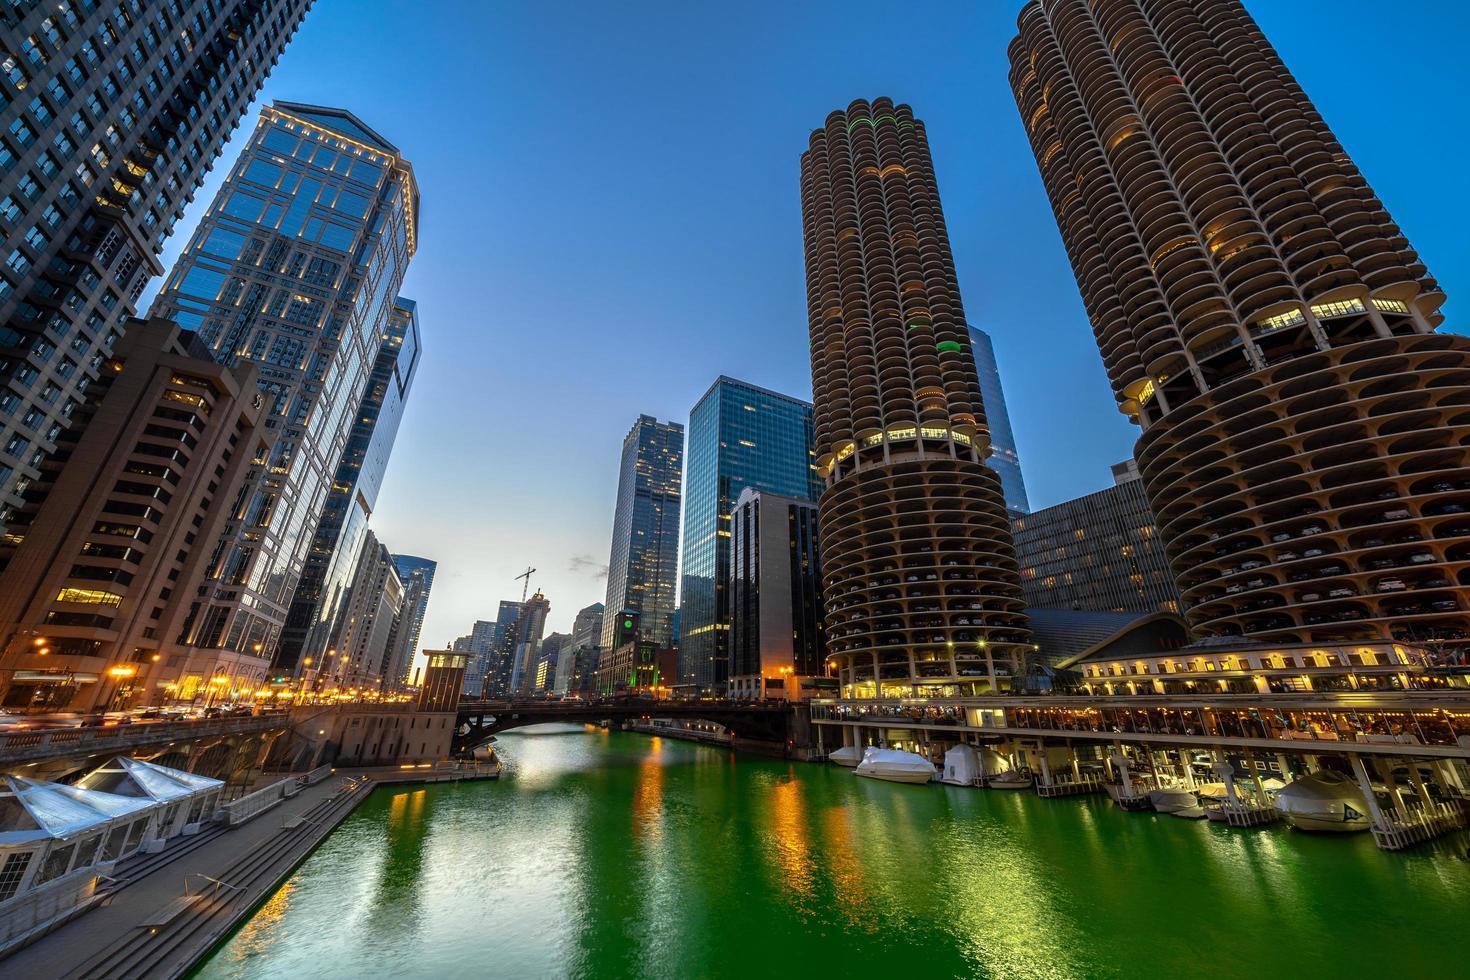 le côté de la rivière paysage urbain chicago riverwalk au crépuscule. photo